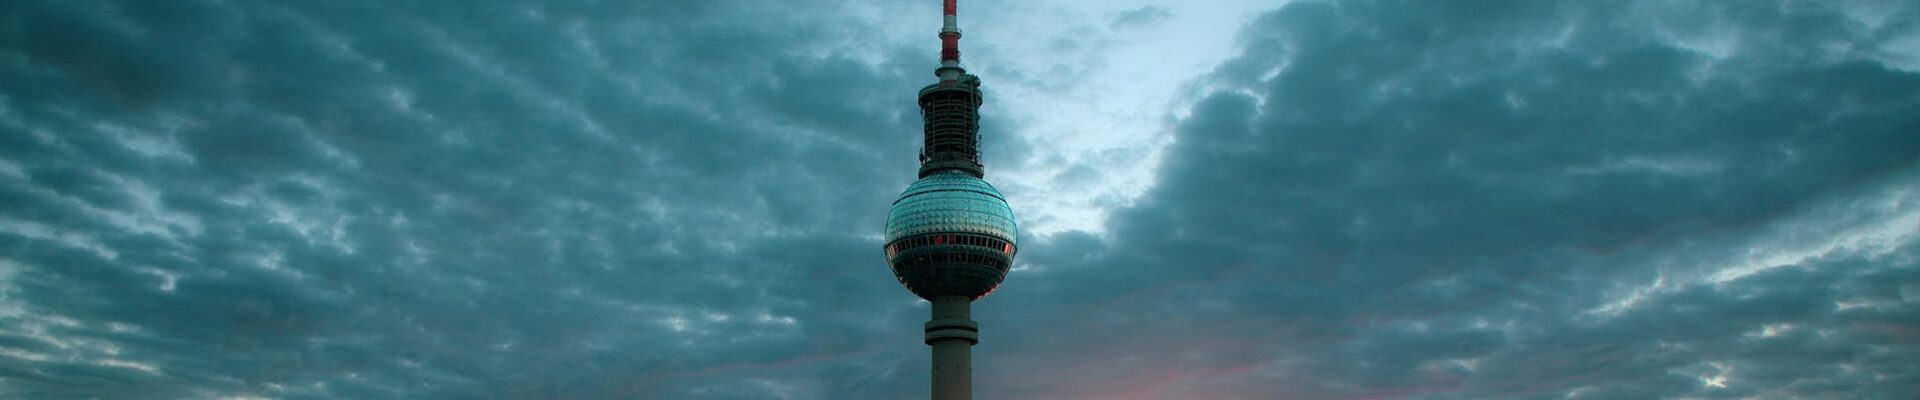 Eventlocations in Berlin im CRM managen